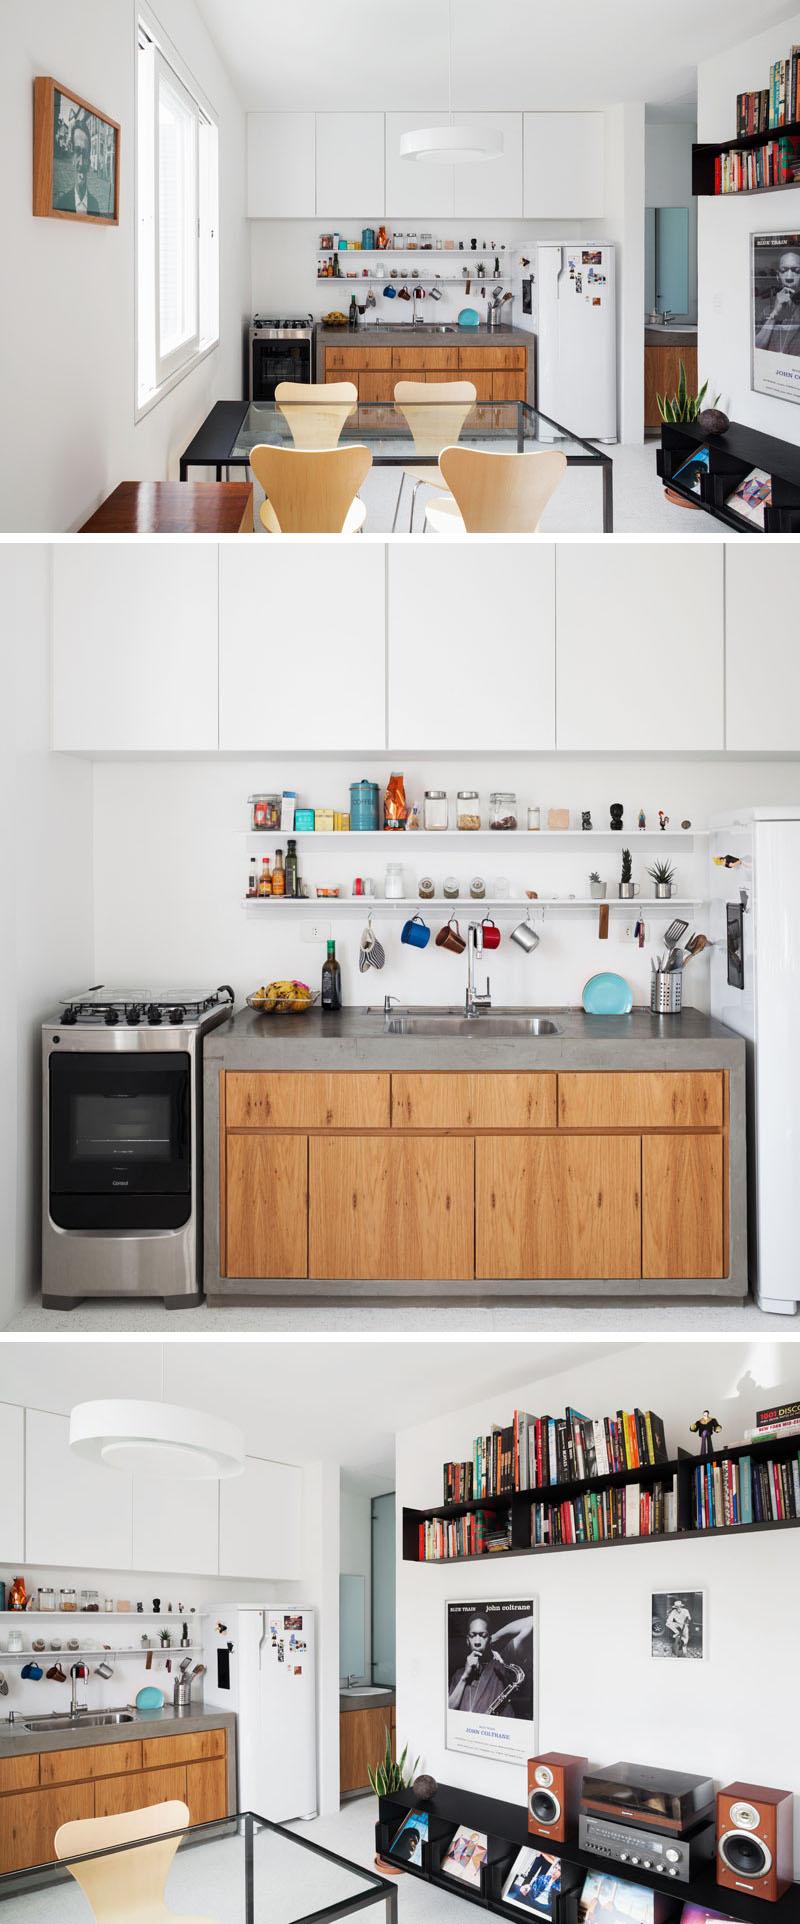 une cuisine fonctionnelle qui offre une multitude de rangements